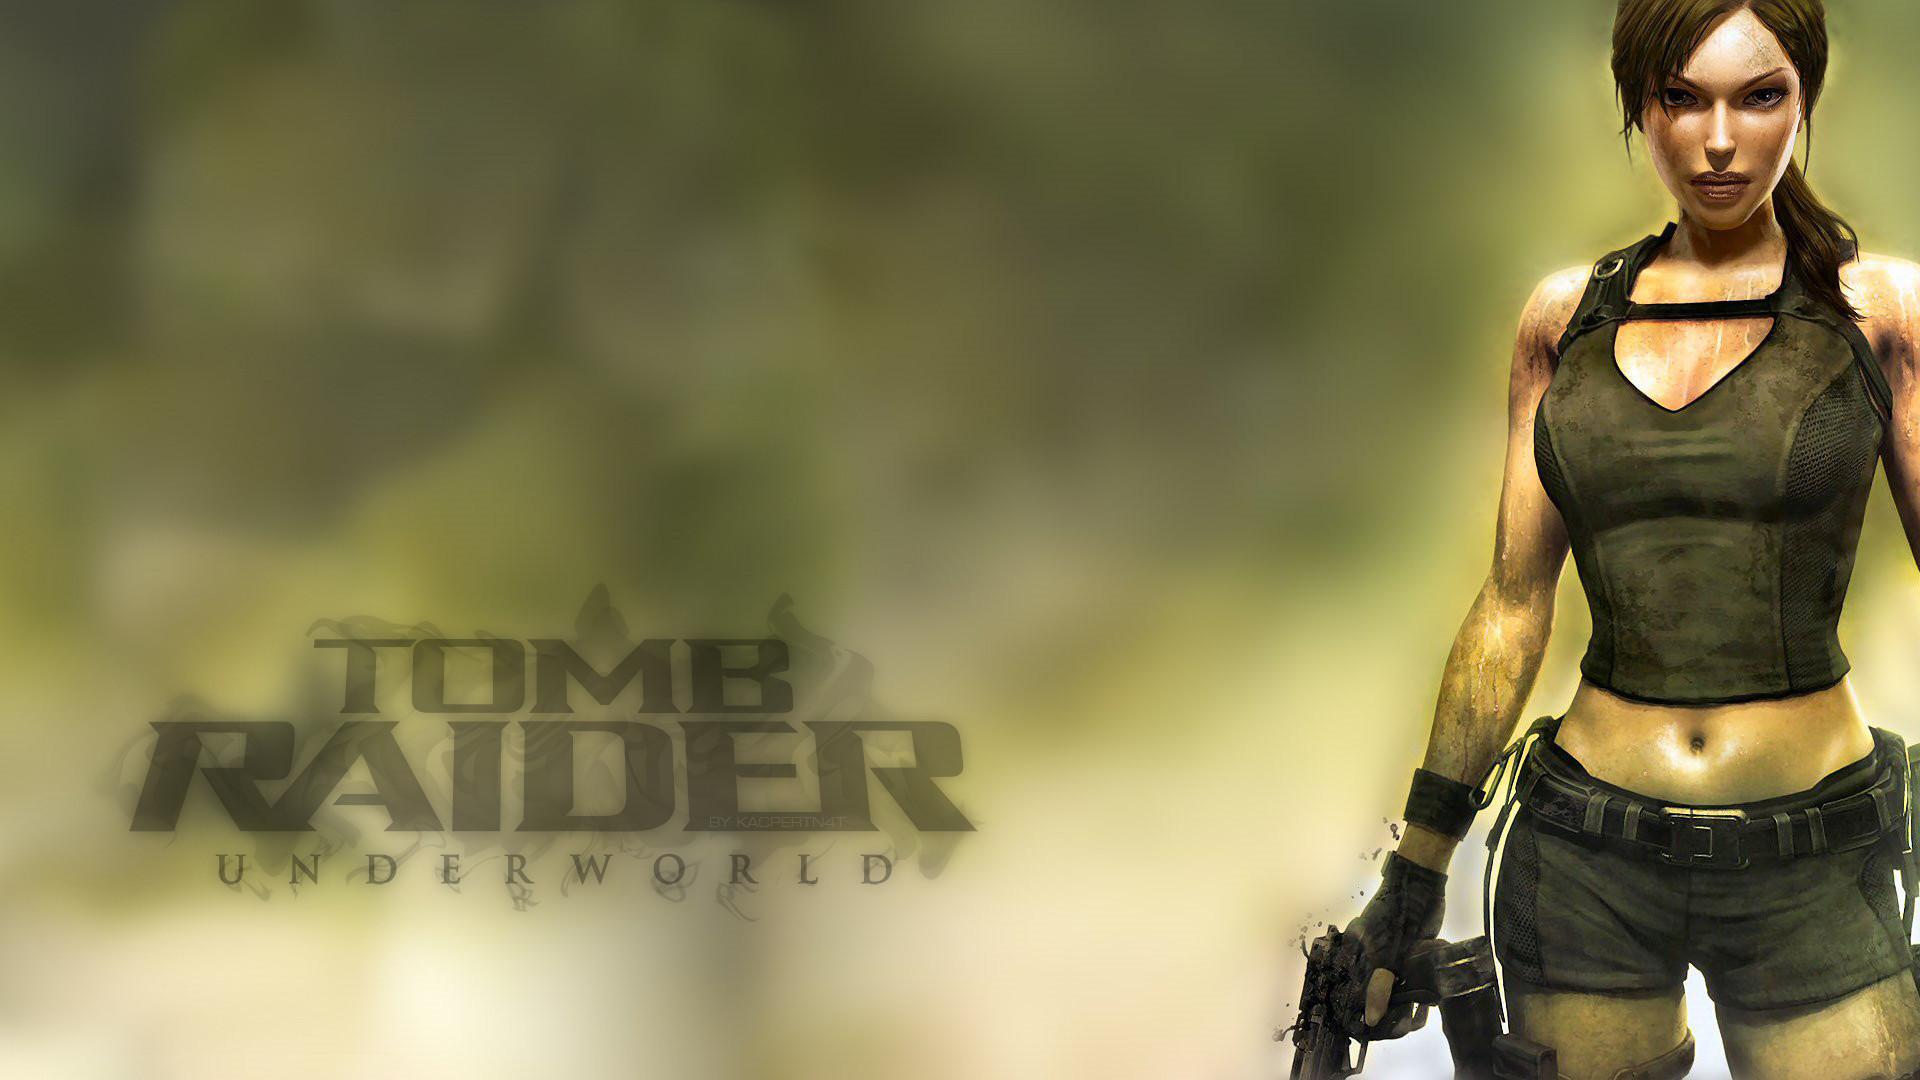 Raiders Wallpaper 3d Lara Croft Underworld Wallpaper 183 ①